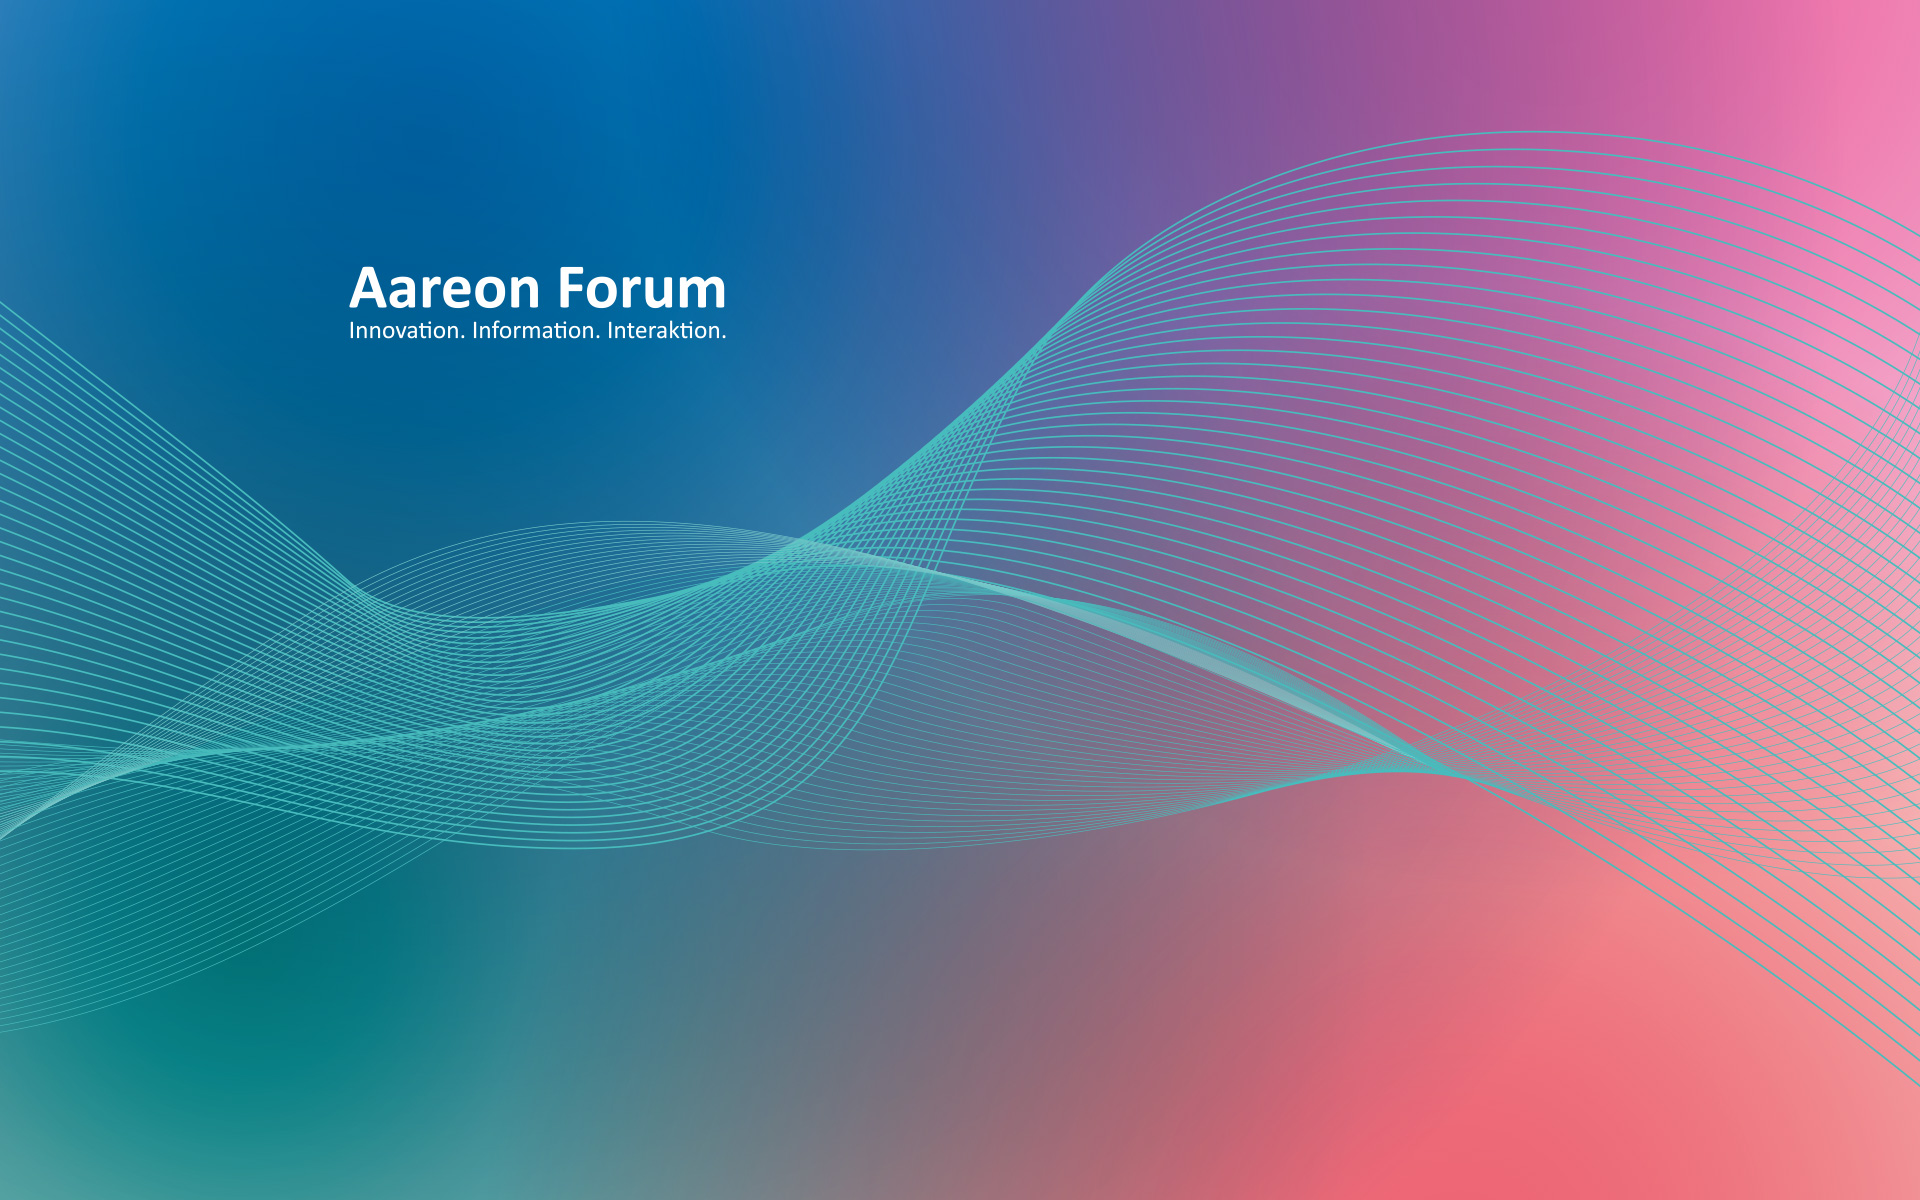 Aareon Forum 2018